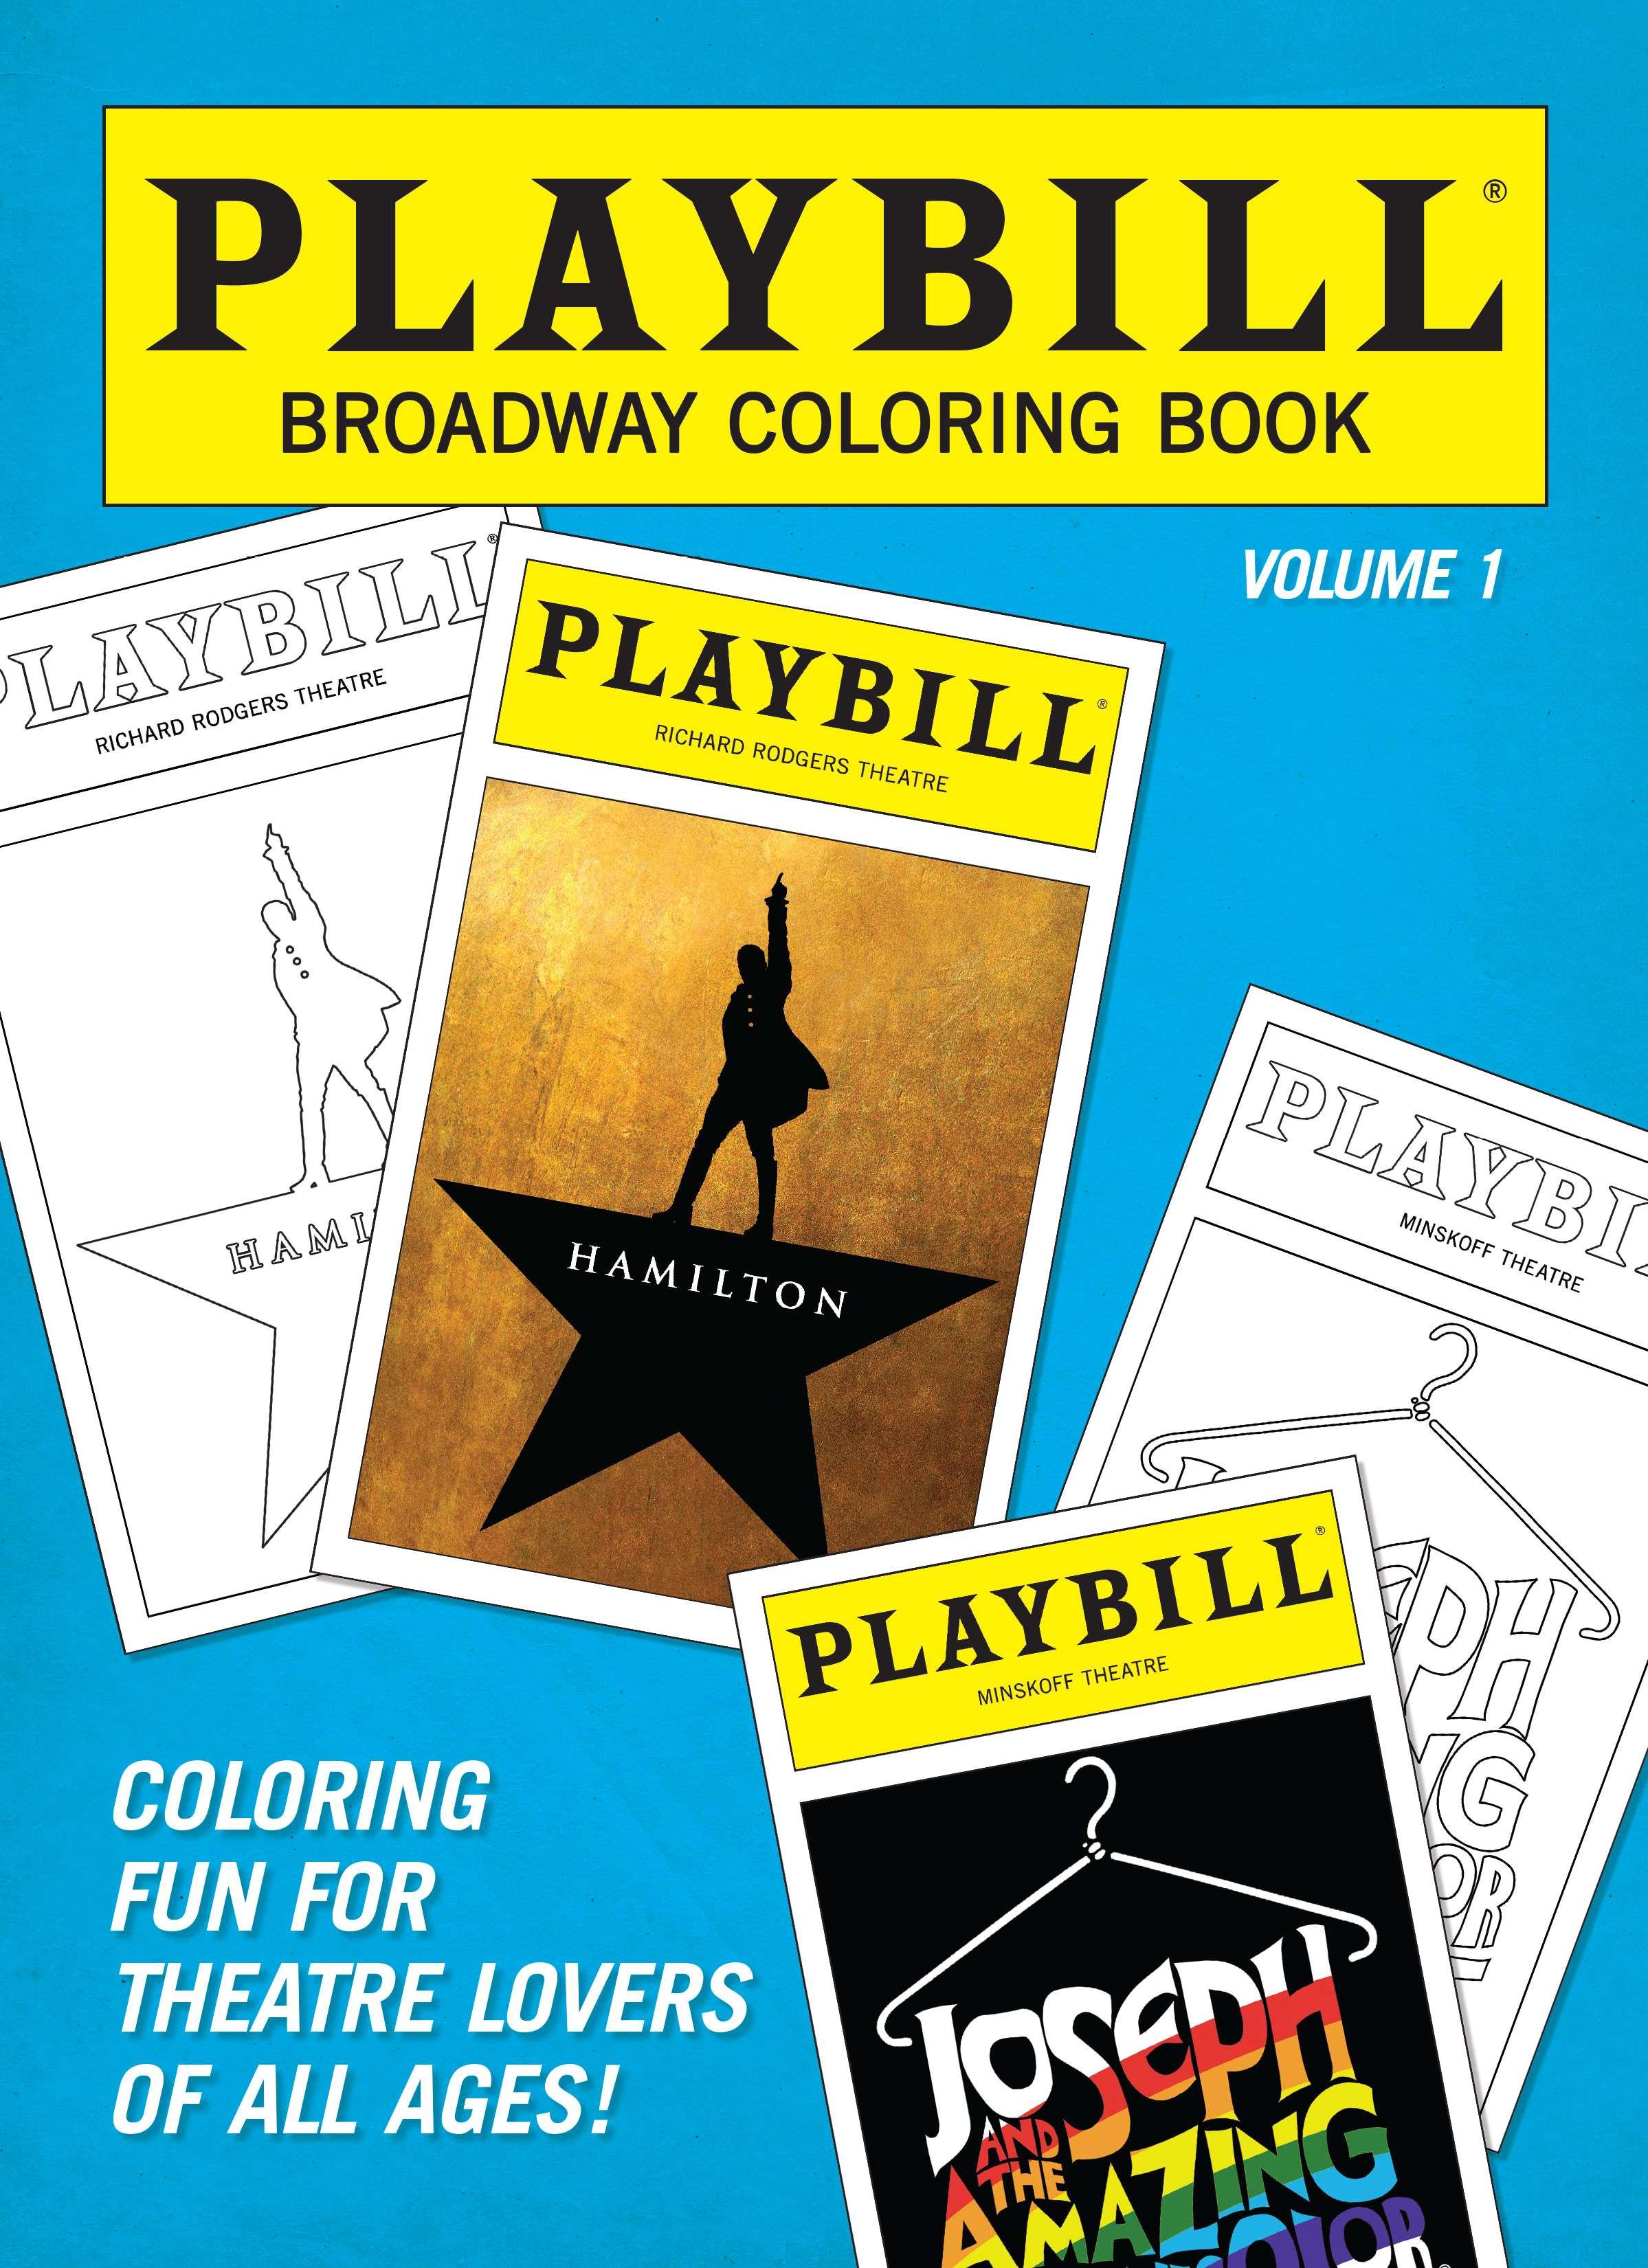 Playbill Broadway Coloring Book V1 - Playbill Merchandise & Souvenirs  PlaybillStore.com